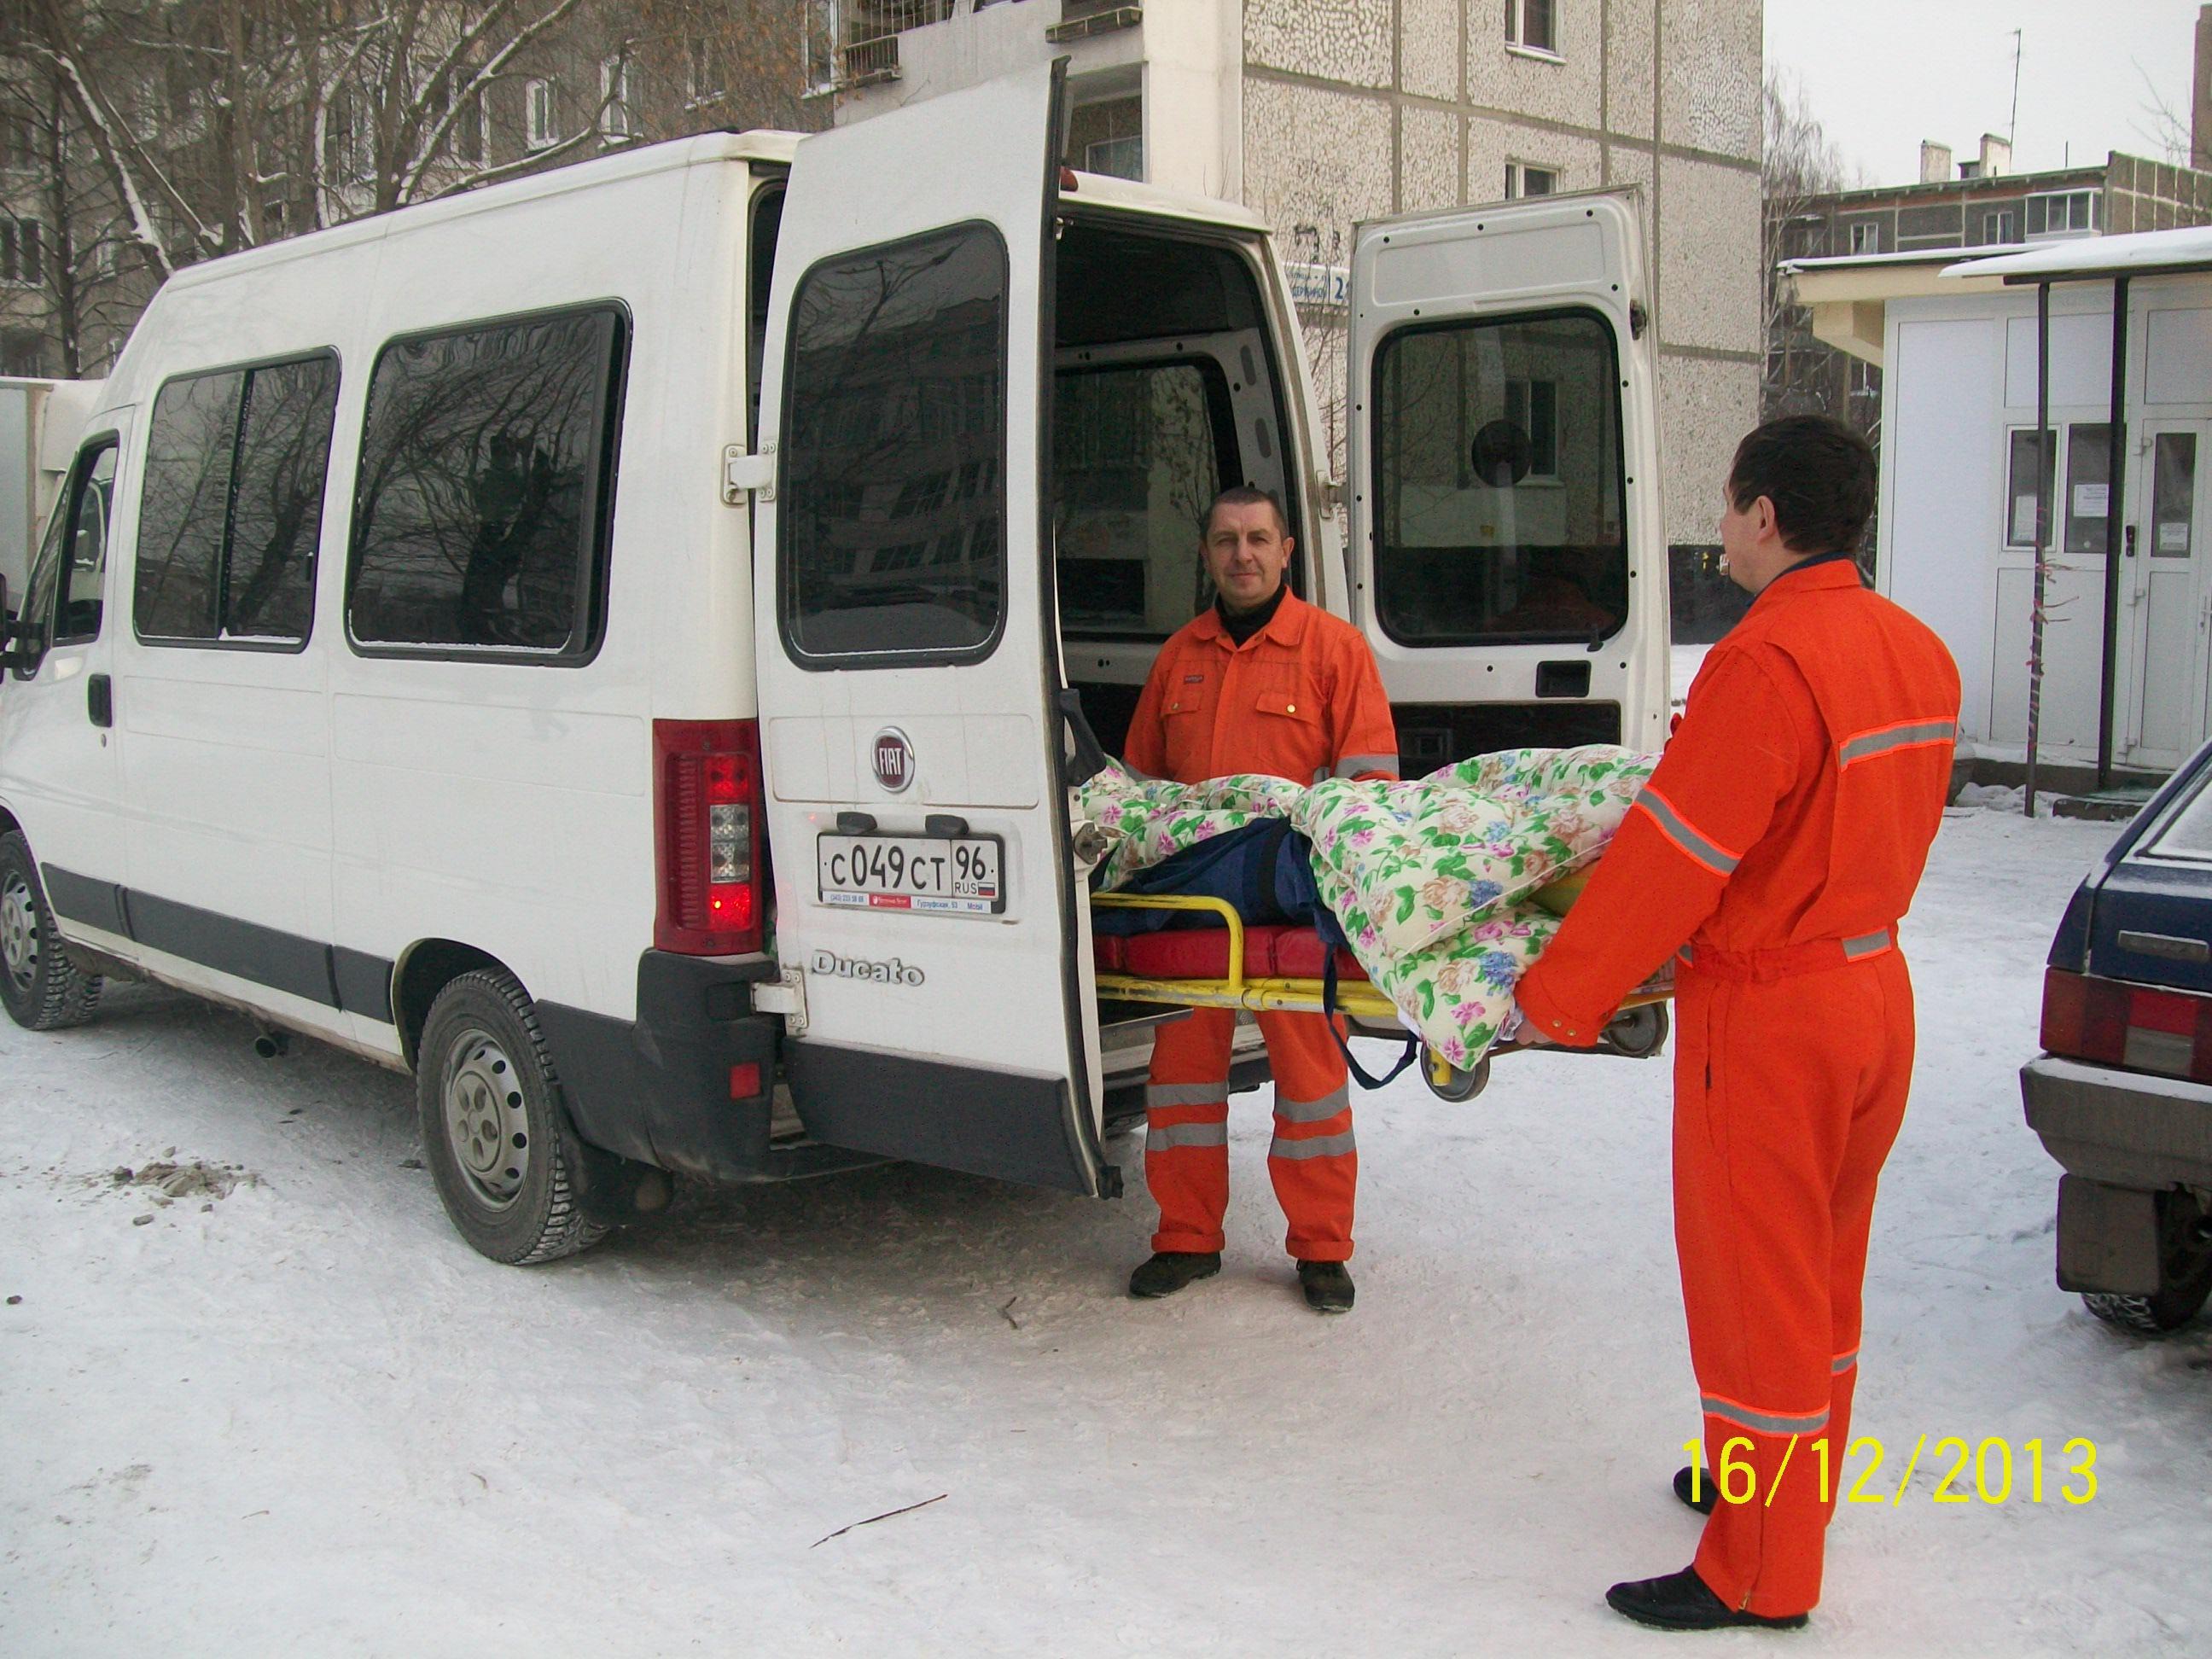 zabota-transoprt-2